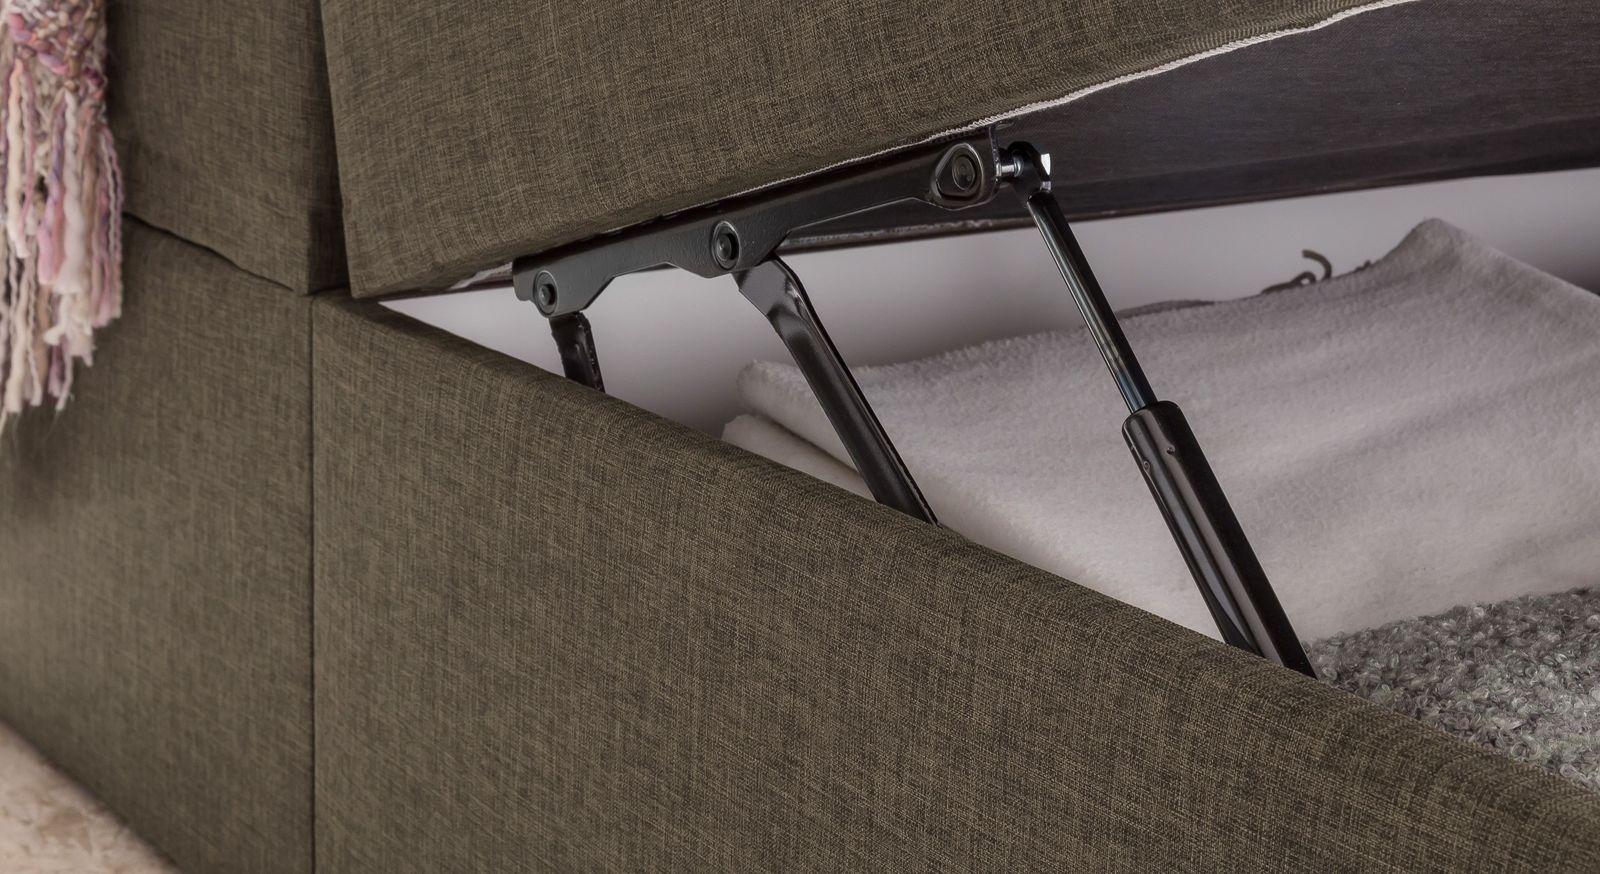 Boxbett Mileto mit Gasdruckfeder für leichtes Öffnen